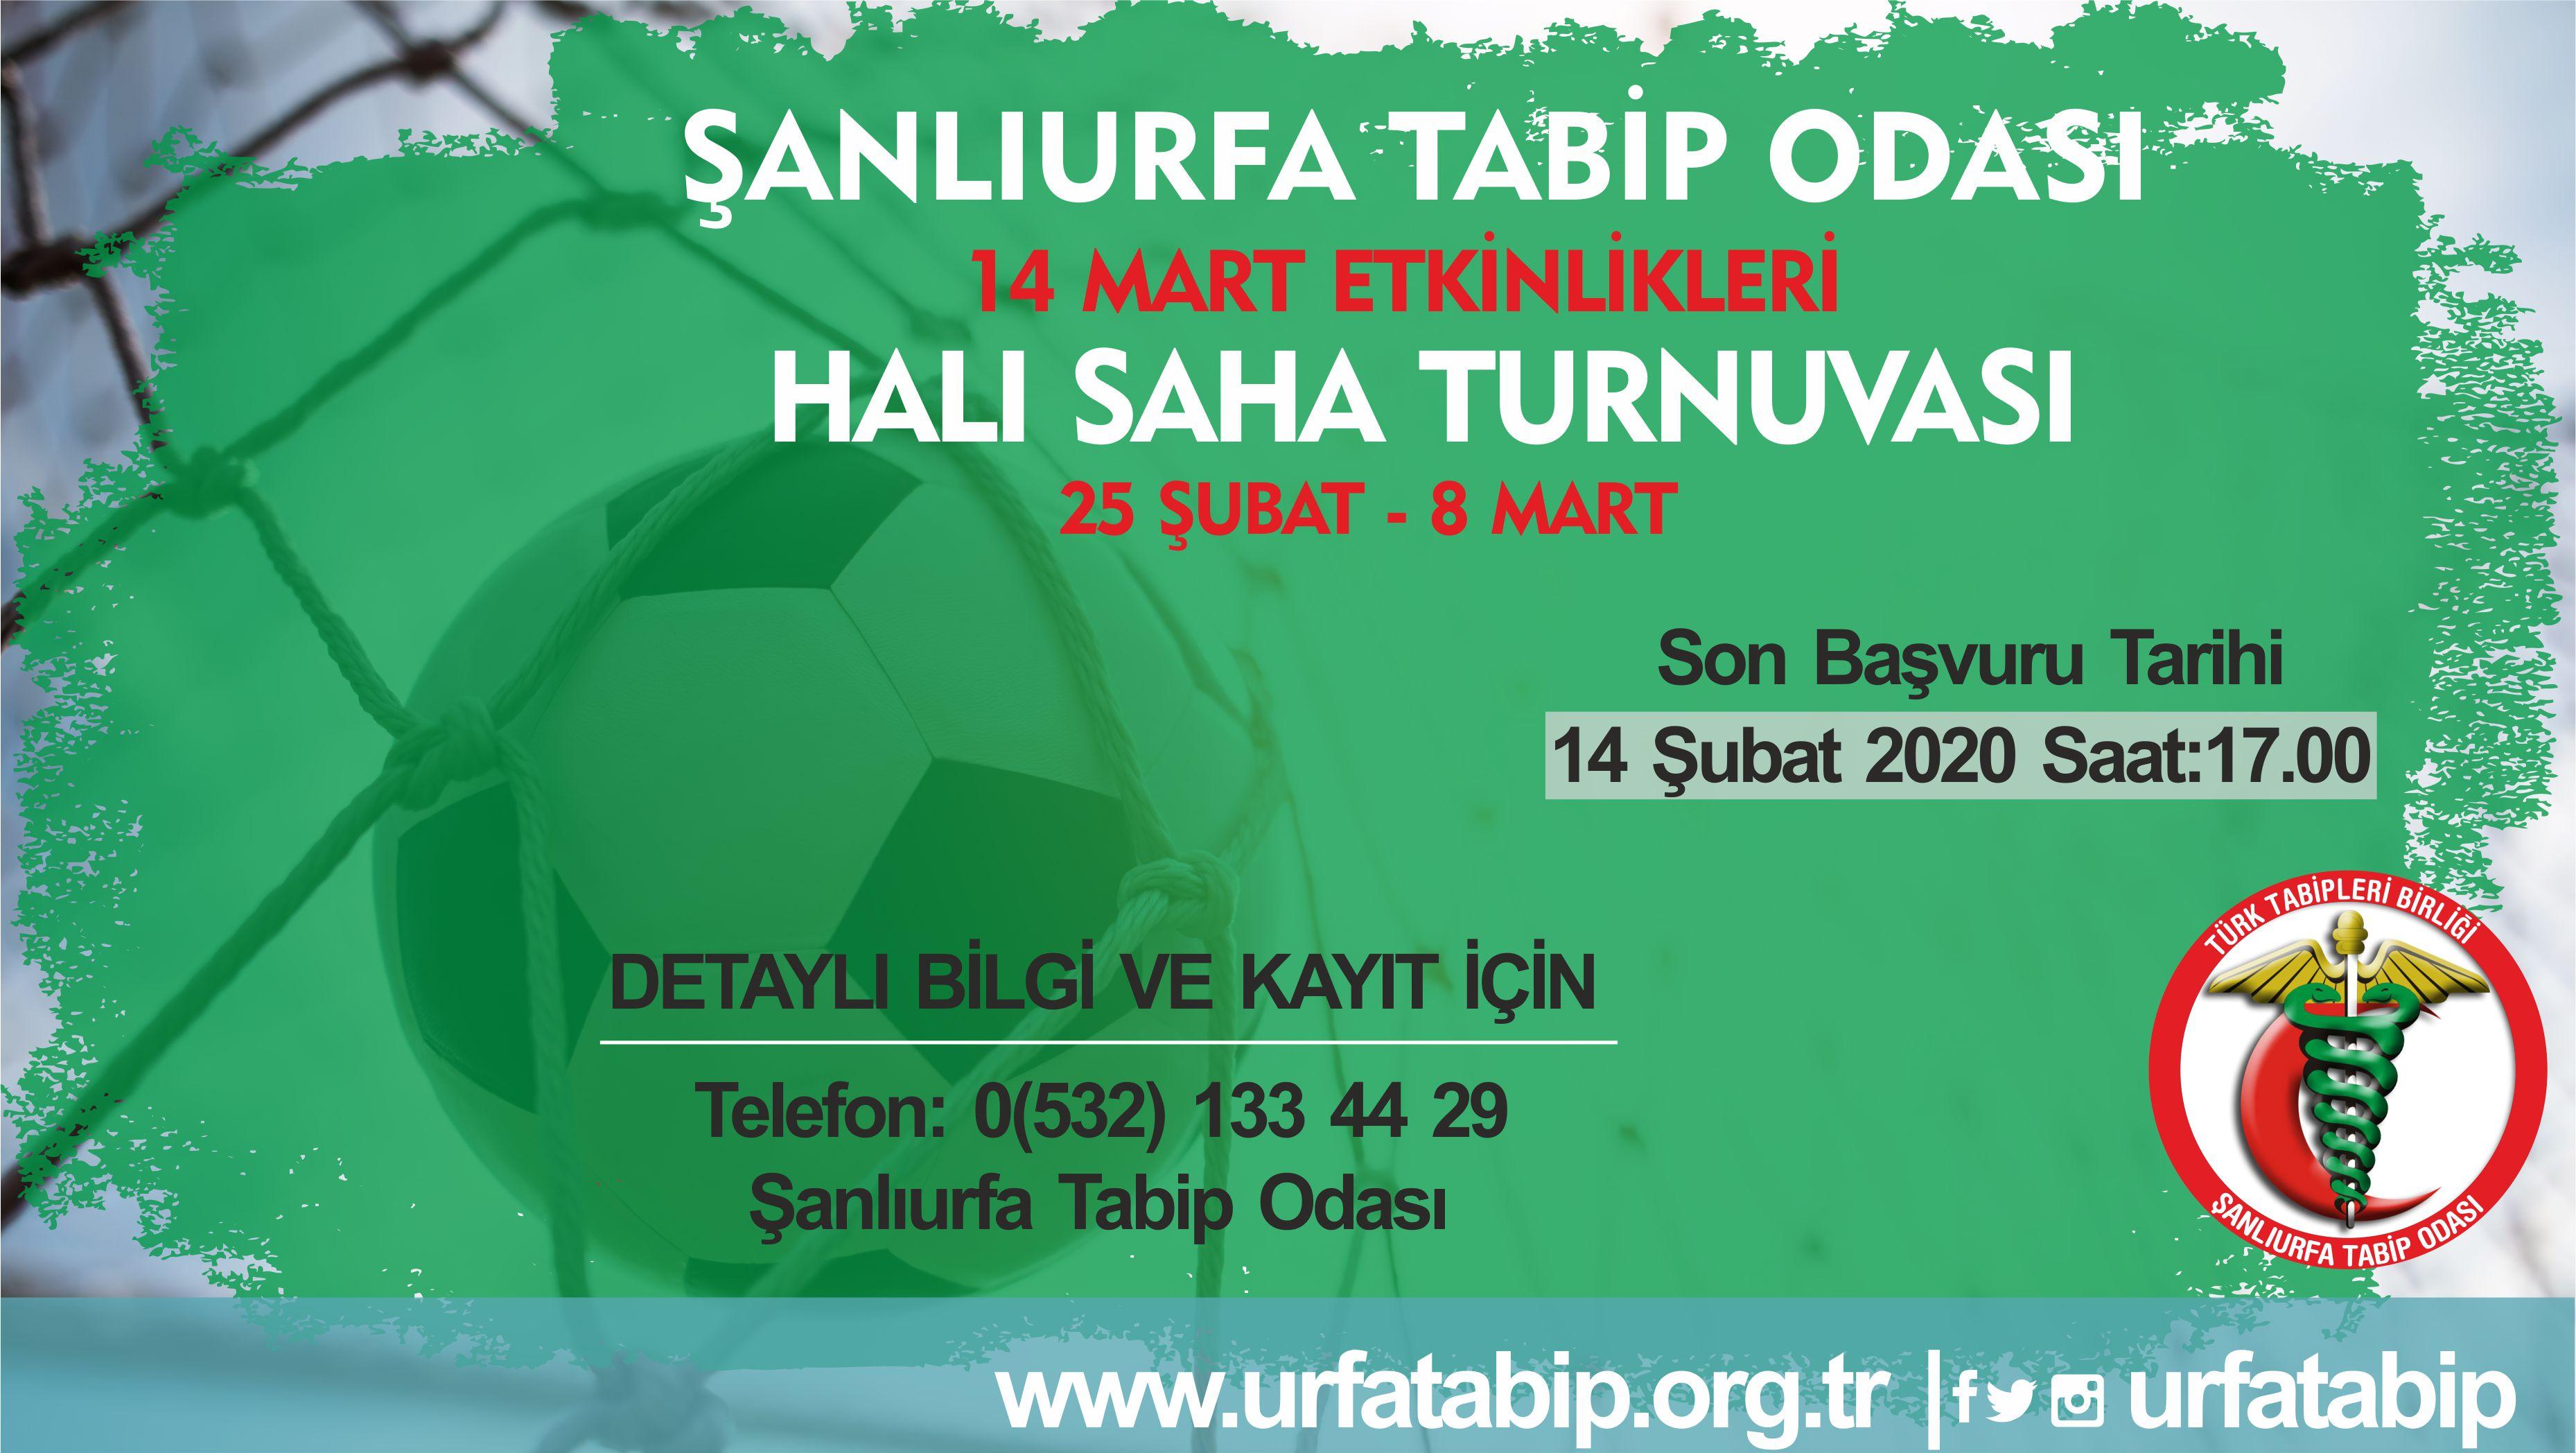 14 Mart Tıp Haftası Etkinlikleri Kapsamında Halı Saha Futbol Turnuvası Düzenlenecektir.